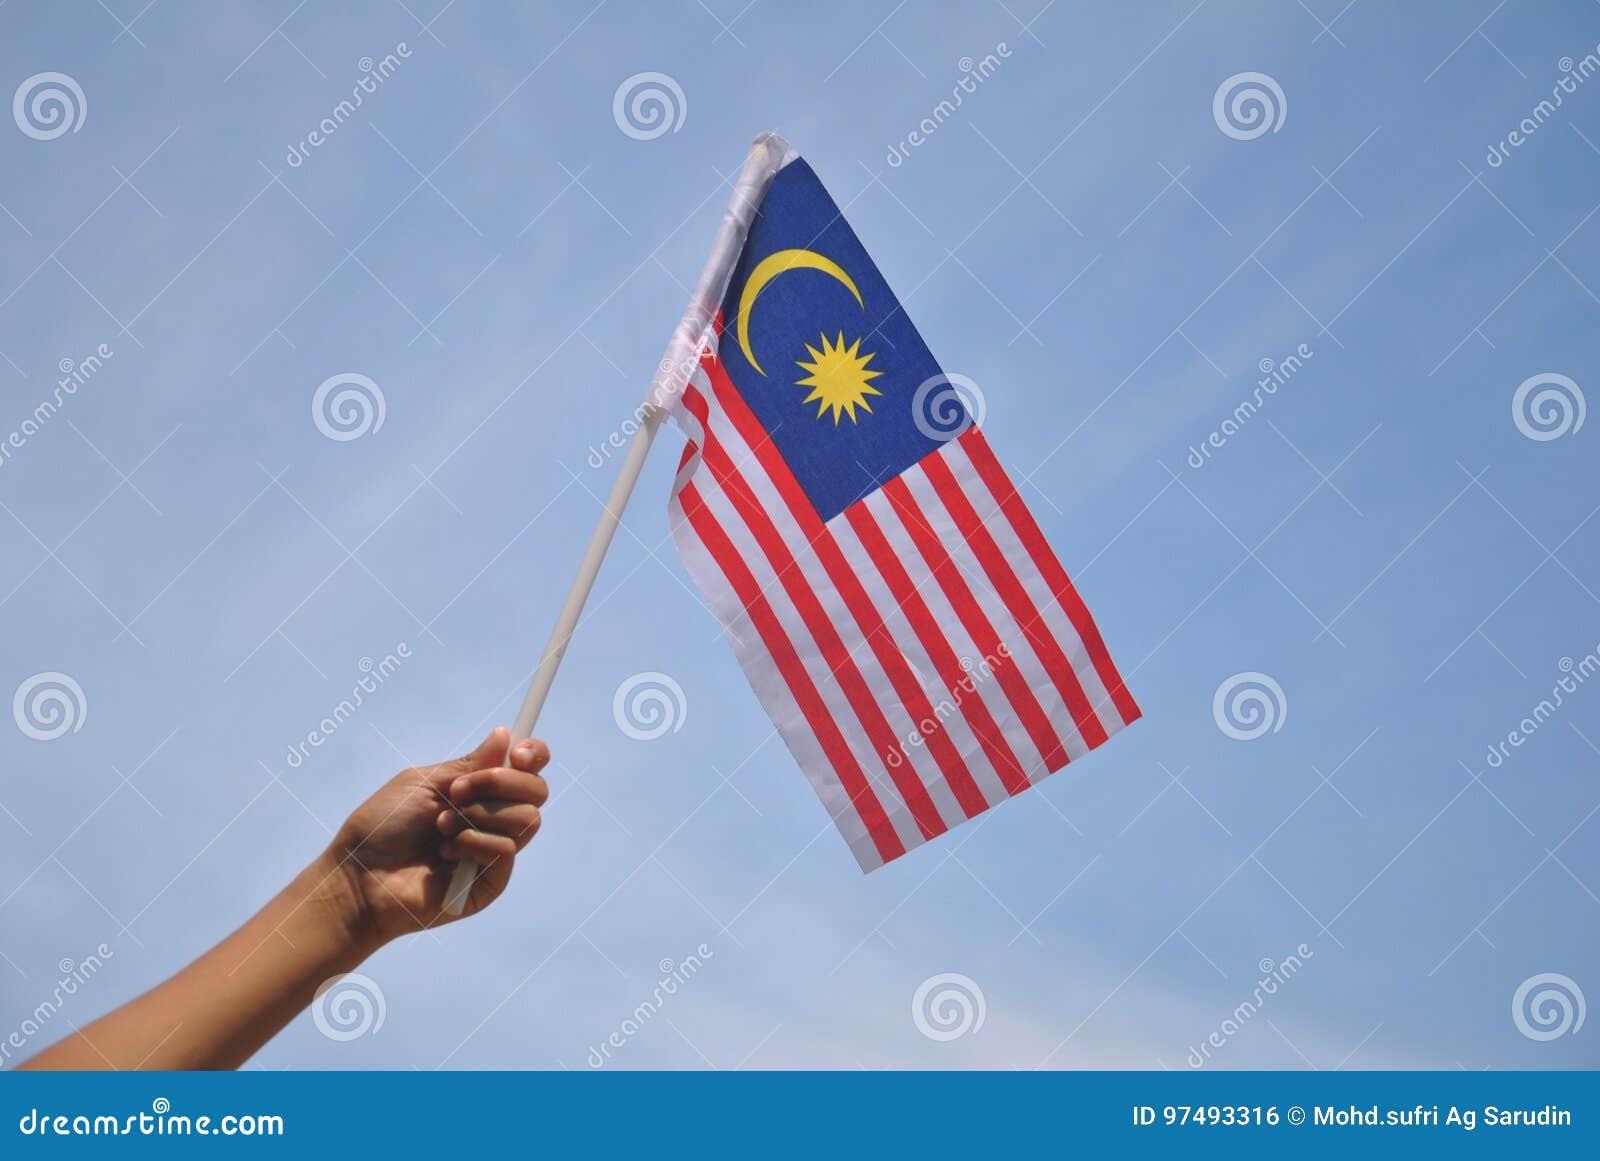 Mano che tiene la bandiera della Malesia